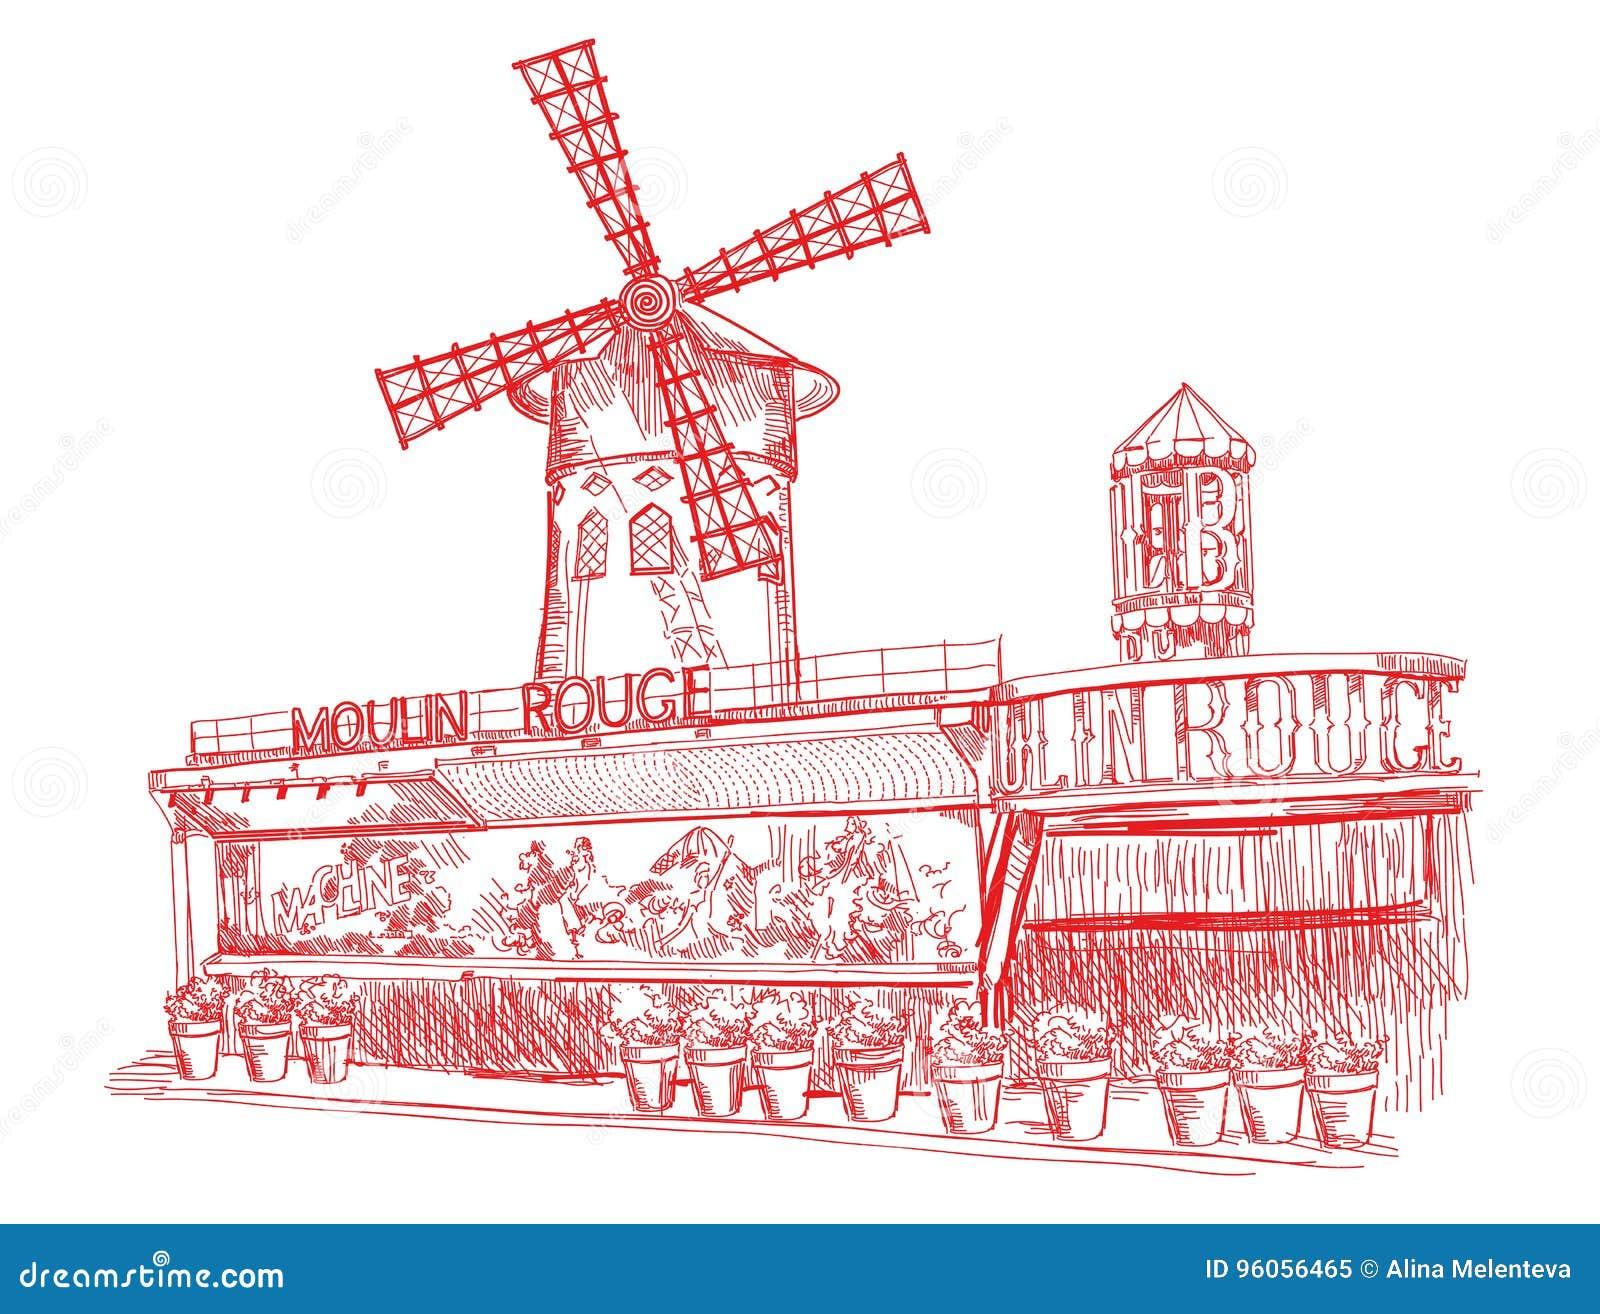 Le Moulin rouge dans des couleurs rouges